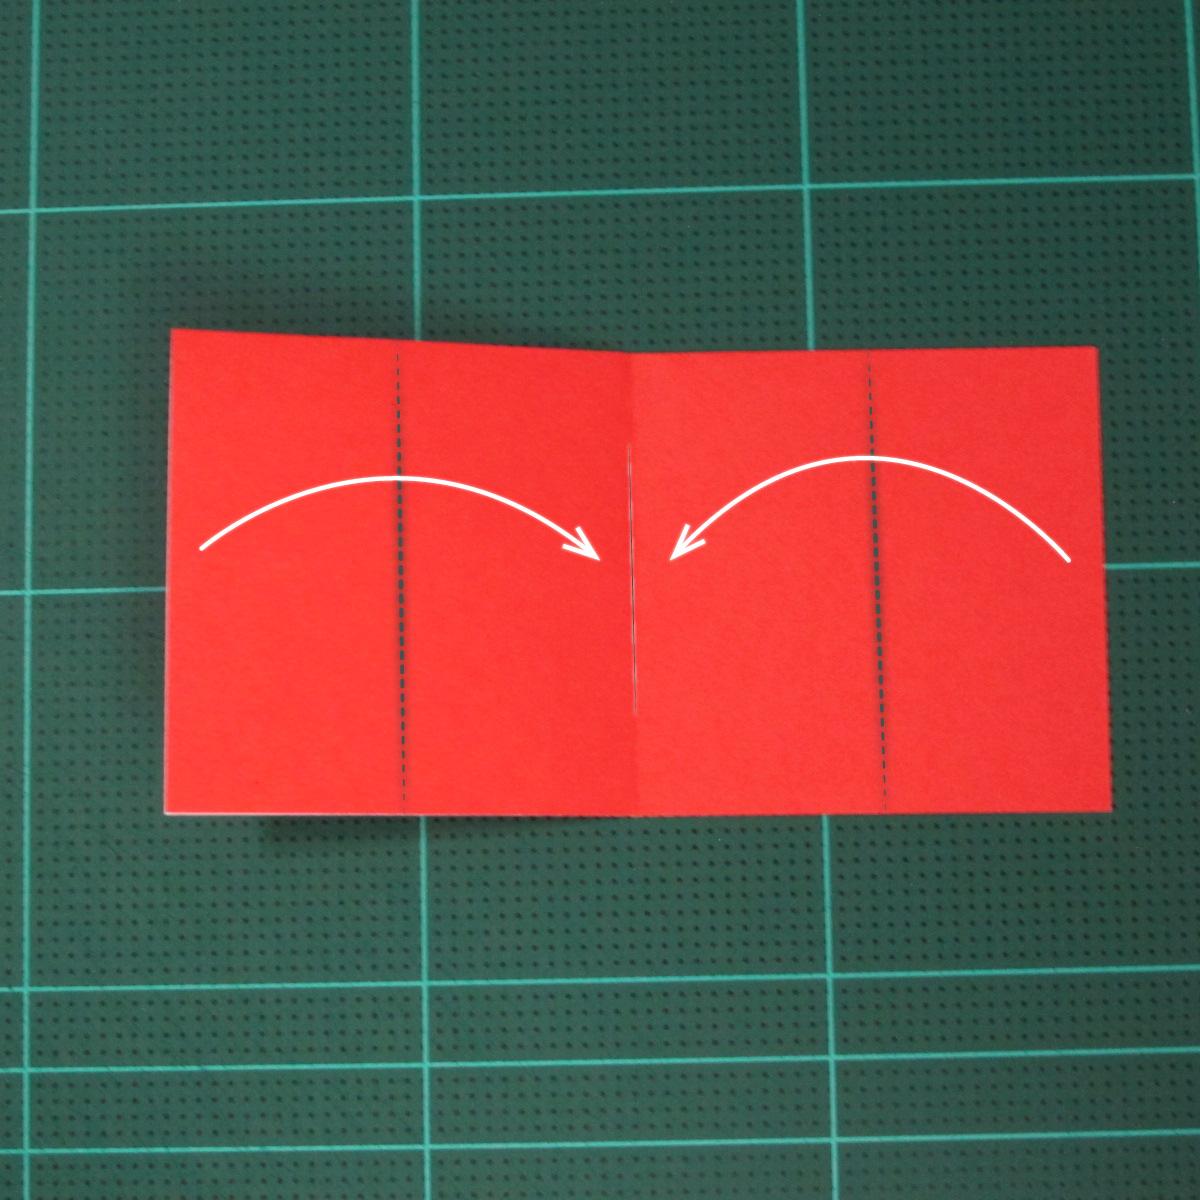 วิธีการพับกระดาษเป็นรูปเปียโน (Origami Piano) 004